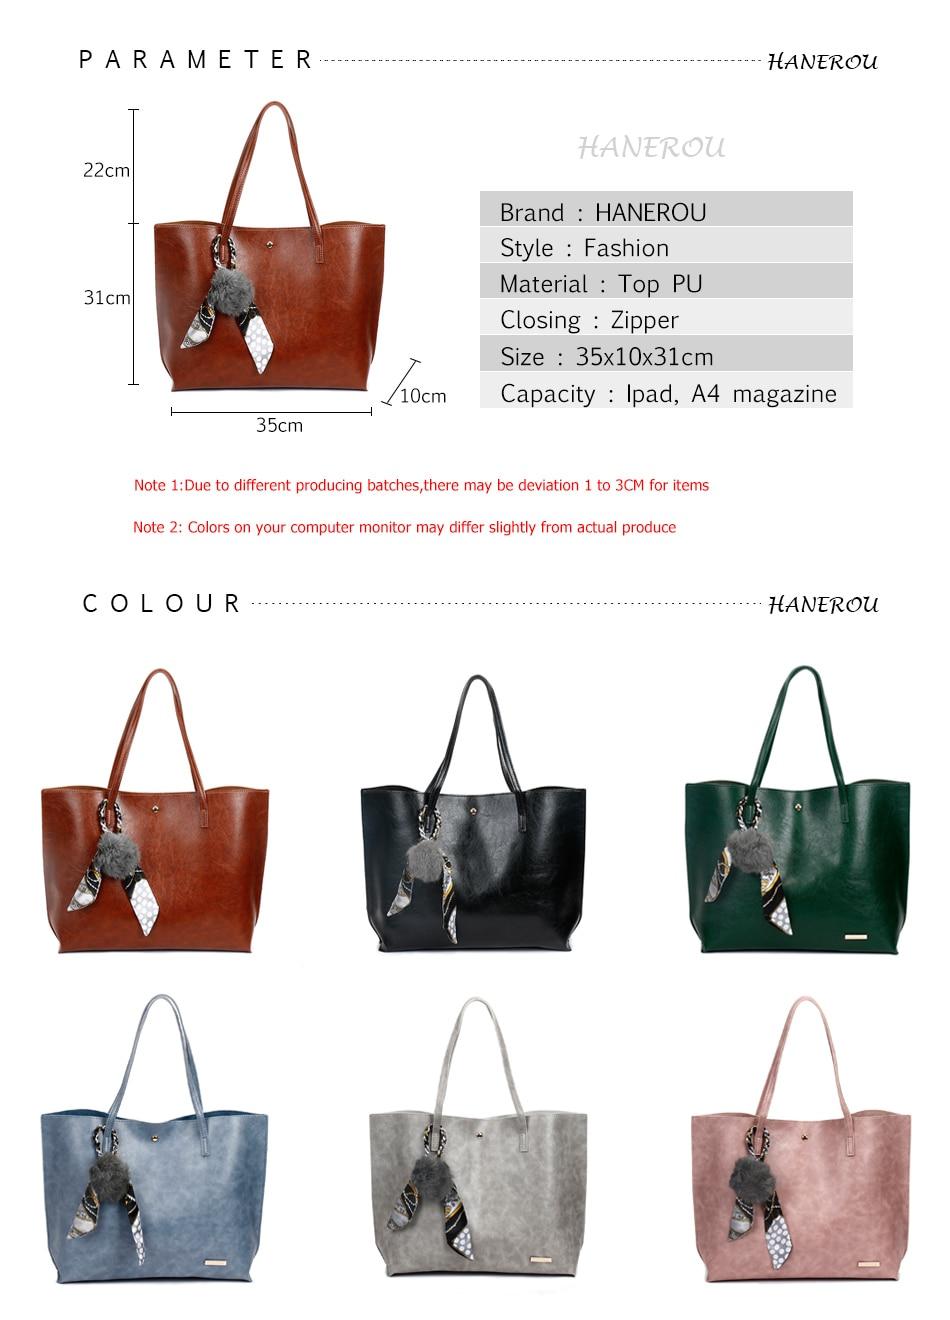 b6e3c7ebfeb0 HANEROU 2018 Fashion Women Bag Ladies Brand Leather Handbags Spring ...